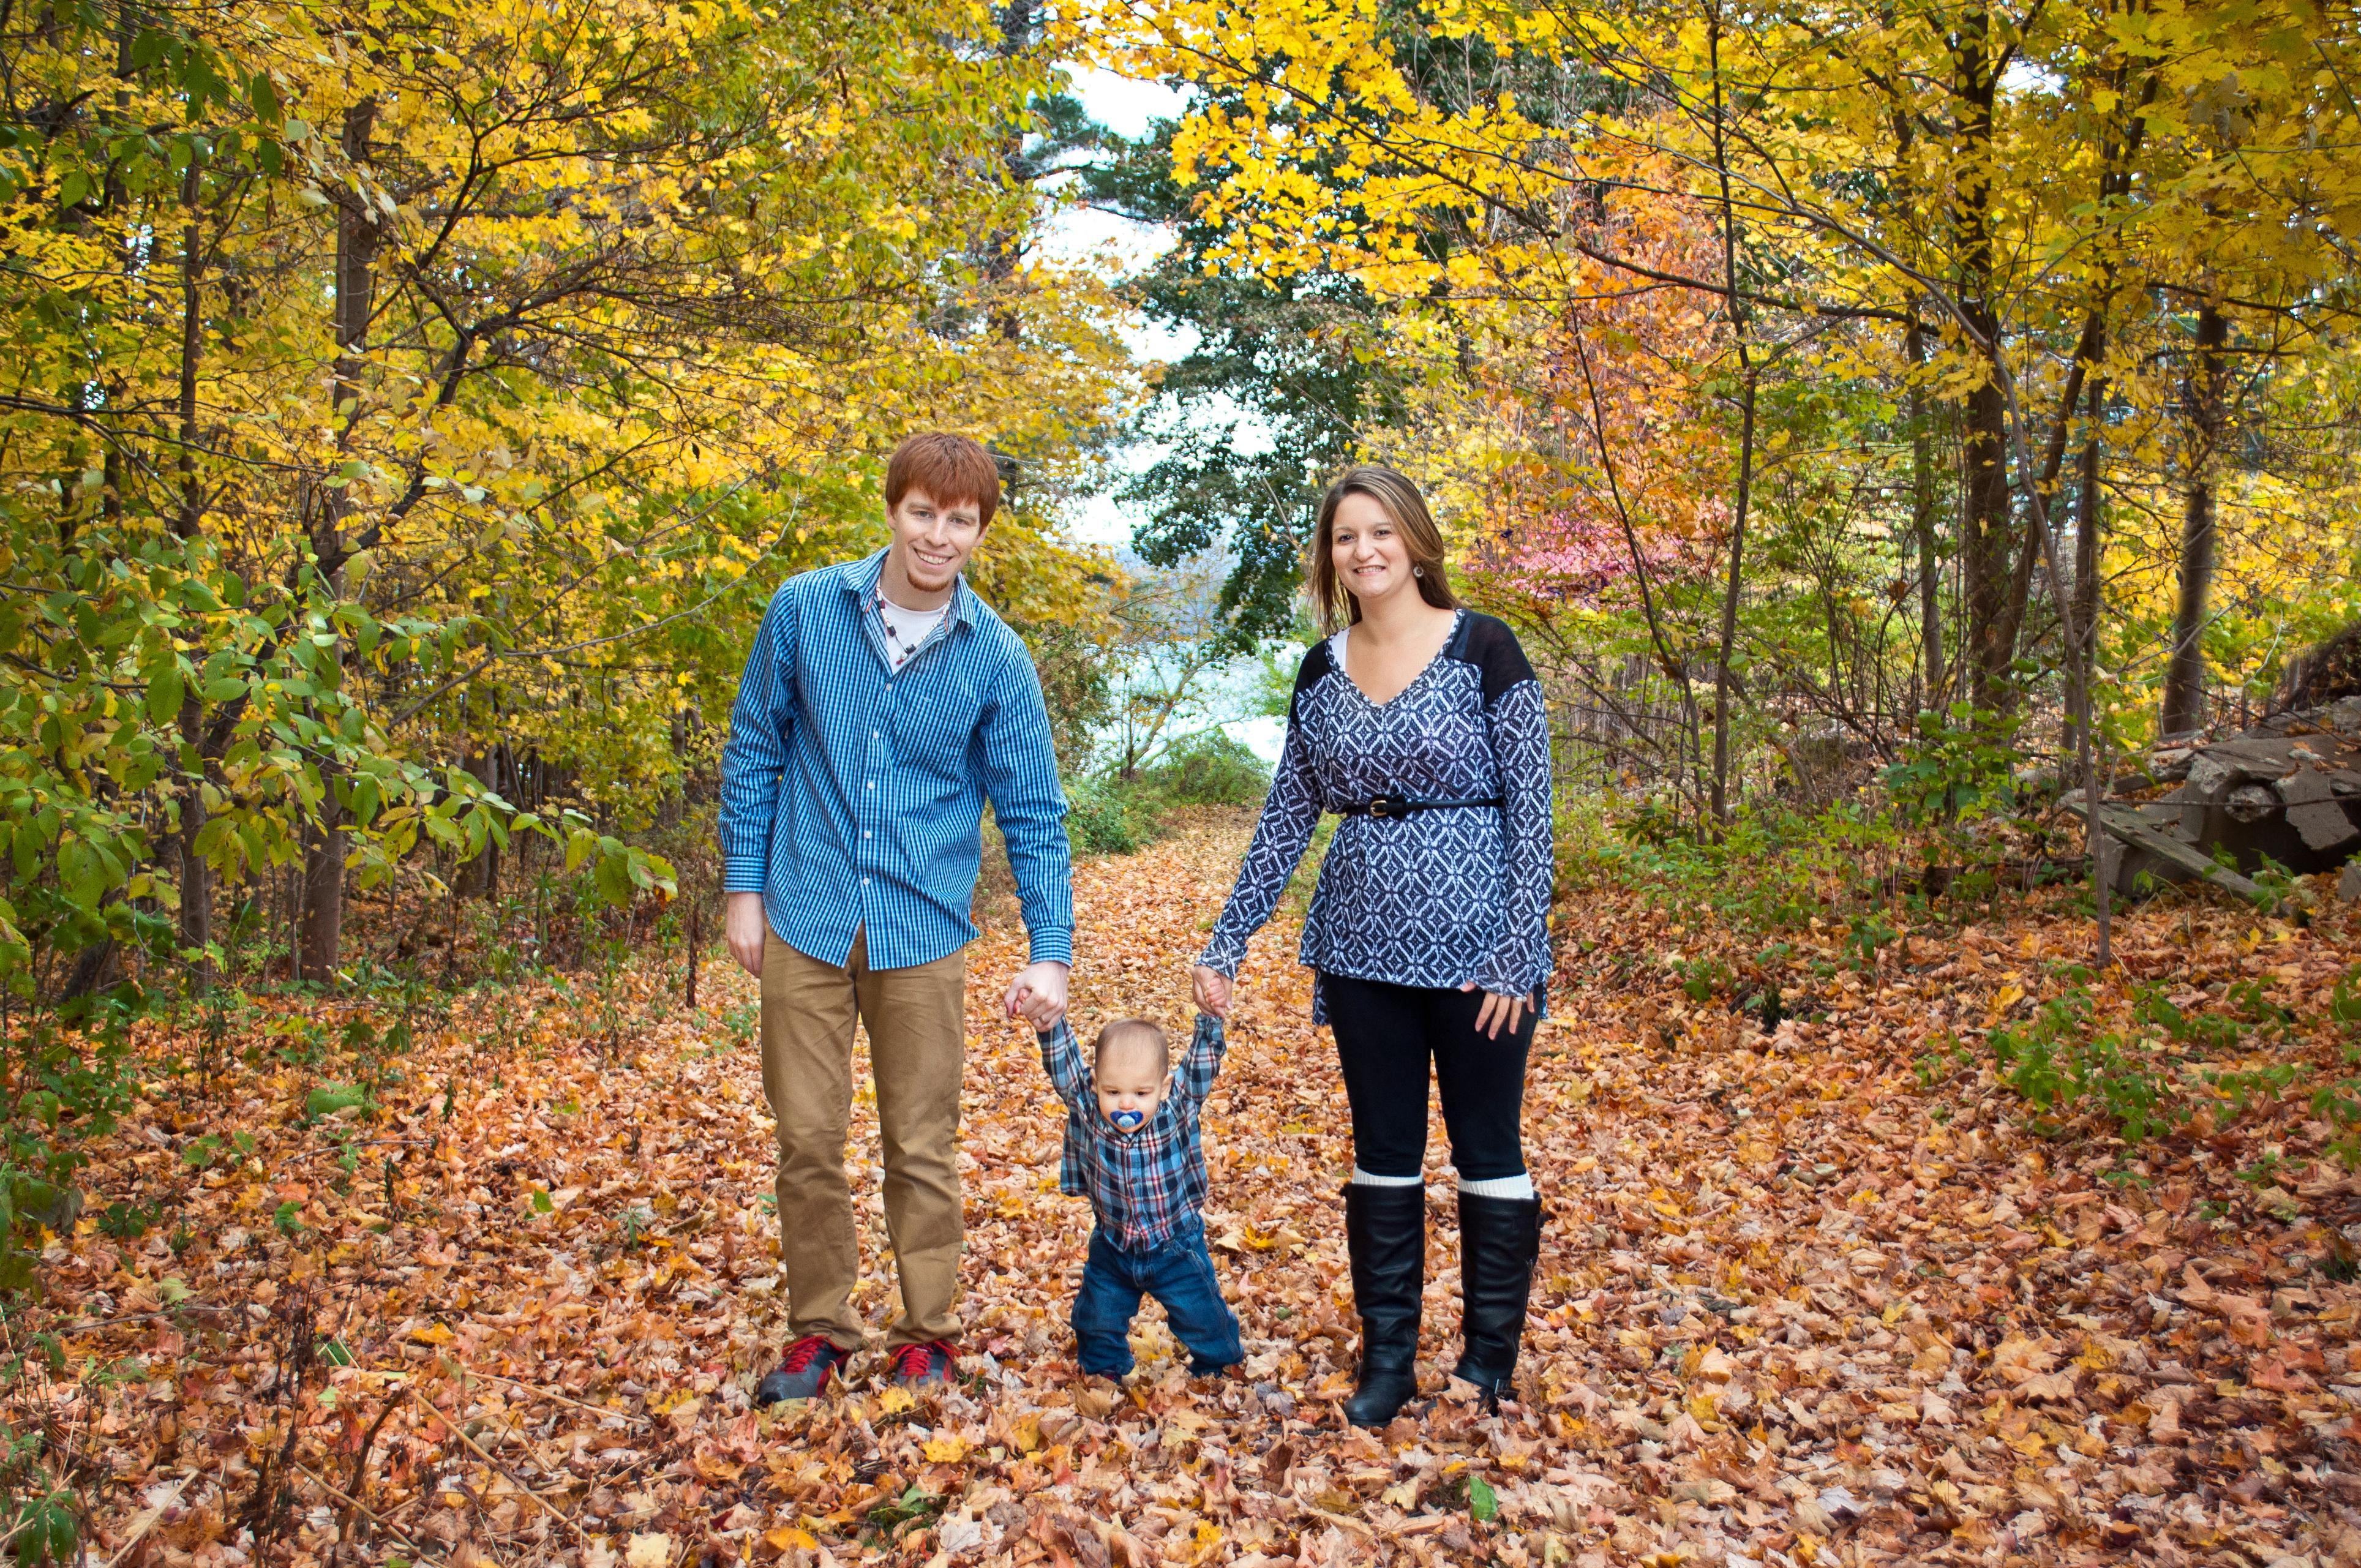 MA Lenox Family Photography Lee NY